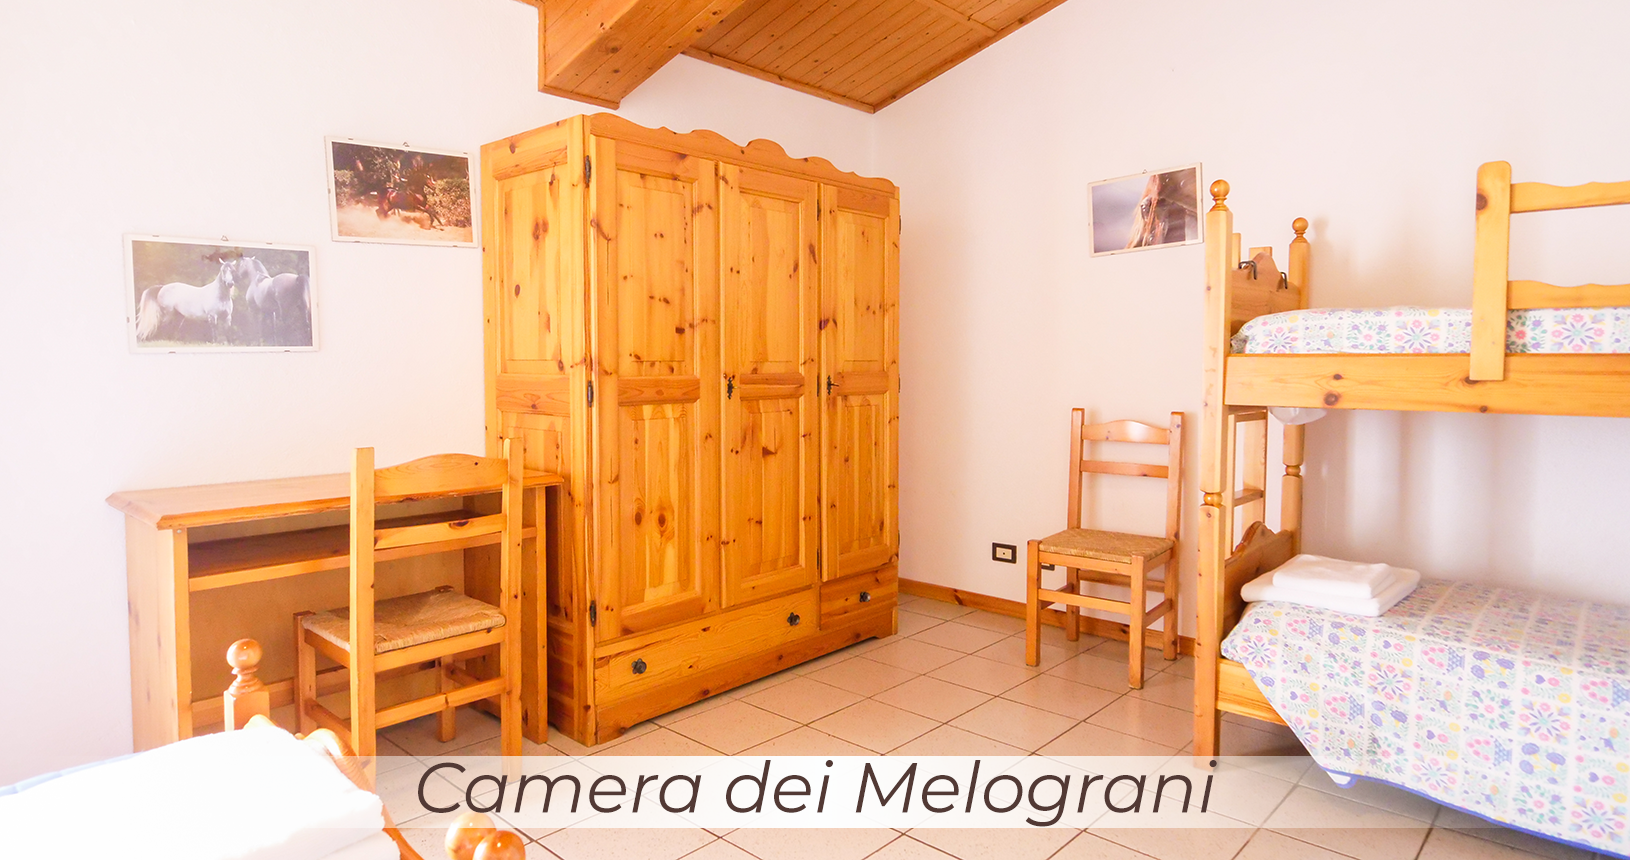 Camera dei Melograni